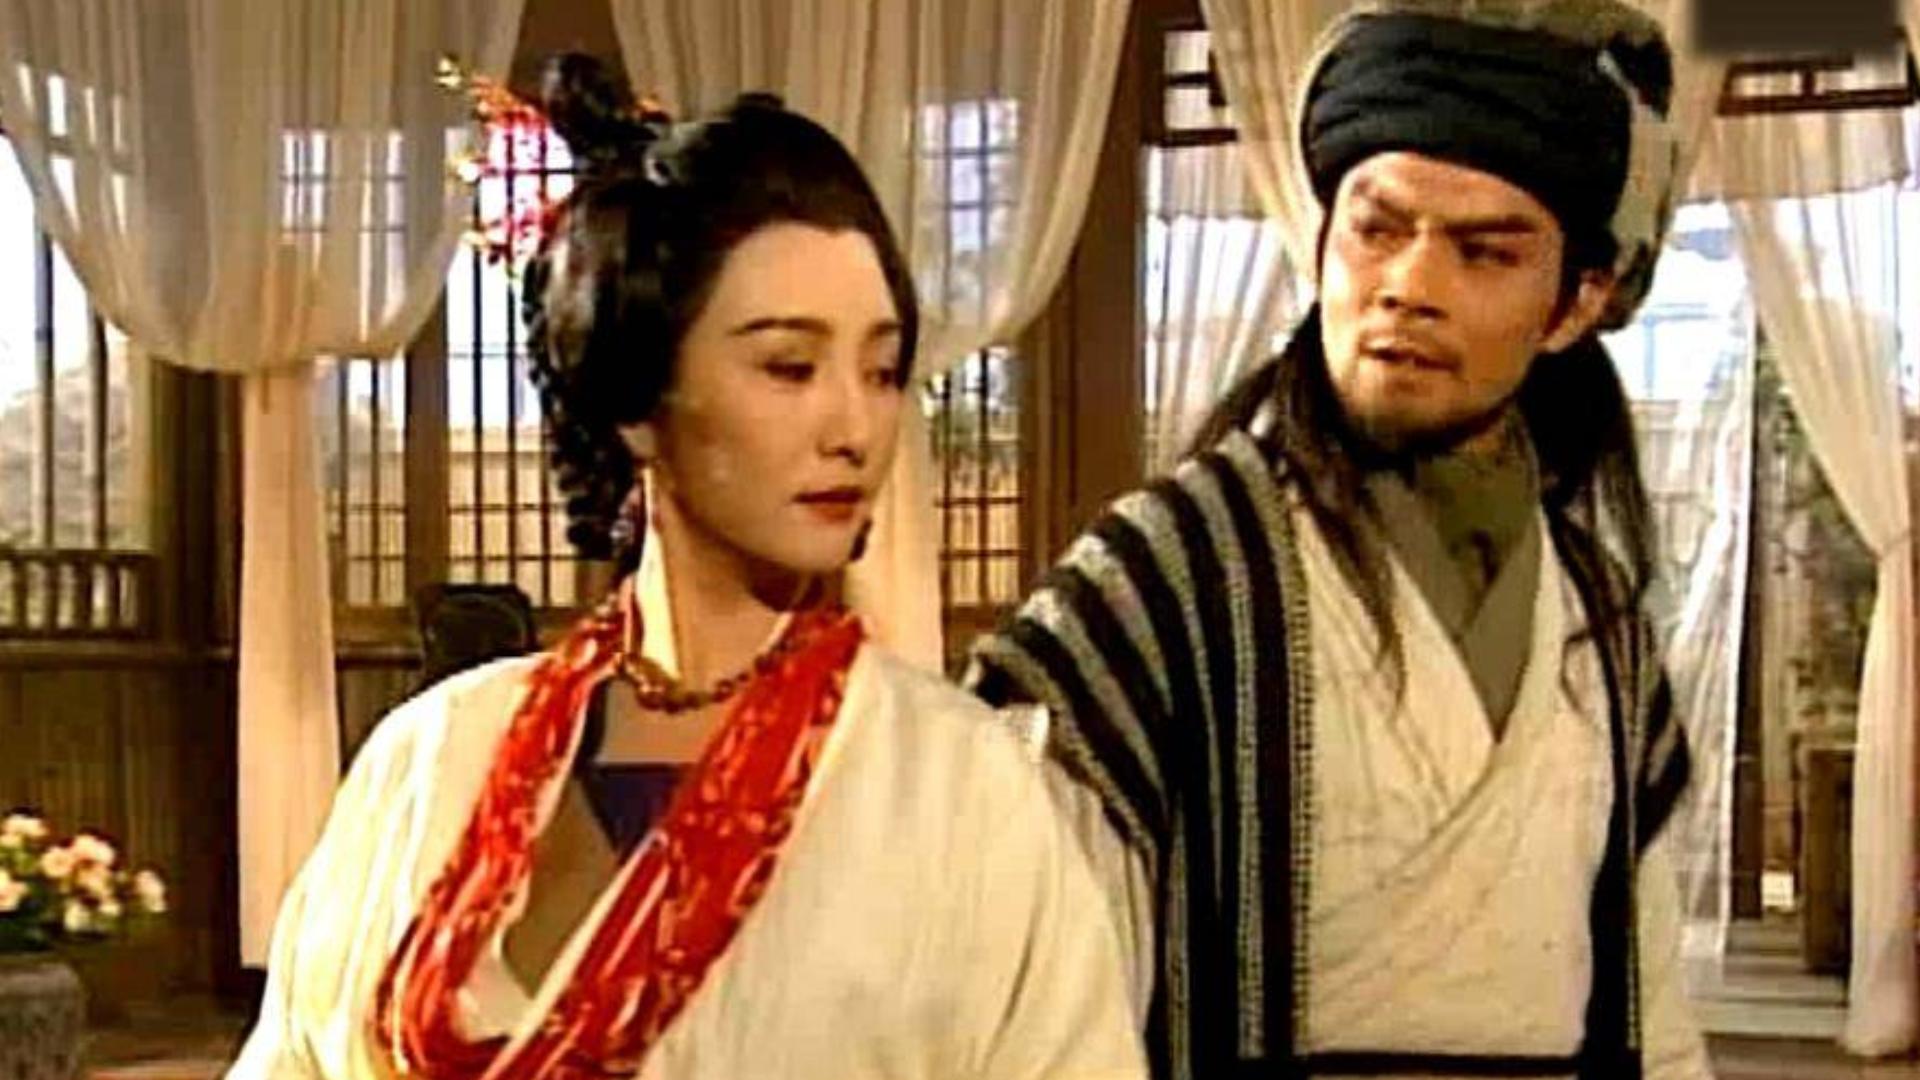 萧峰终于知道了过去的一切,马夫人成为最后一个关键人物